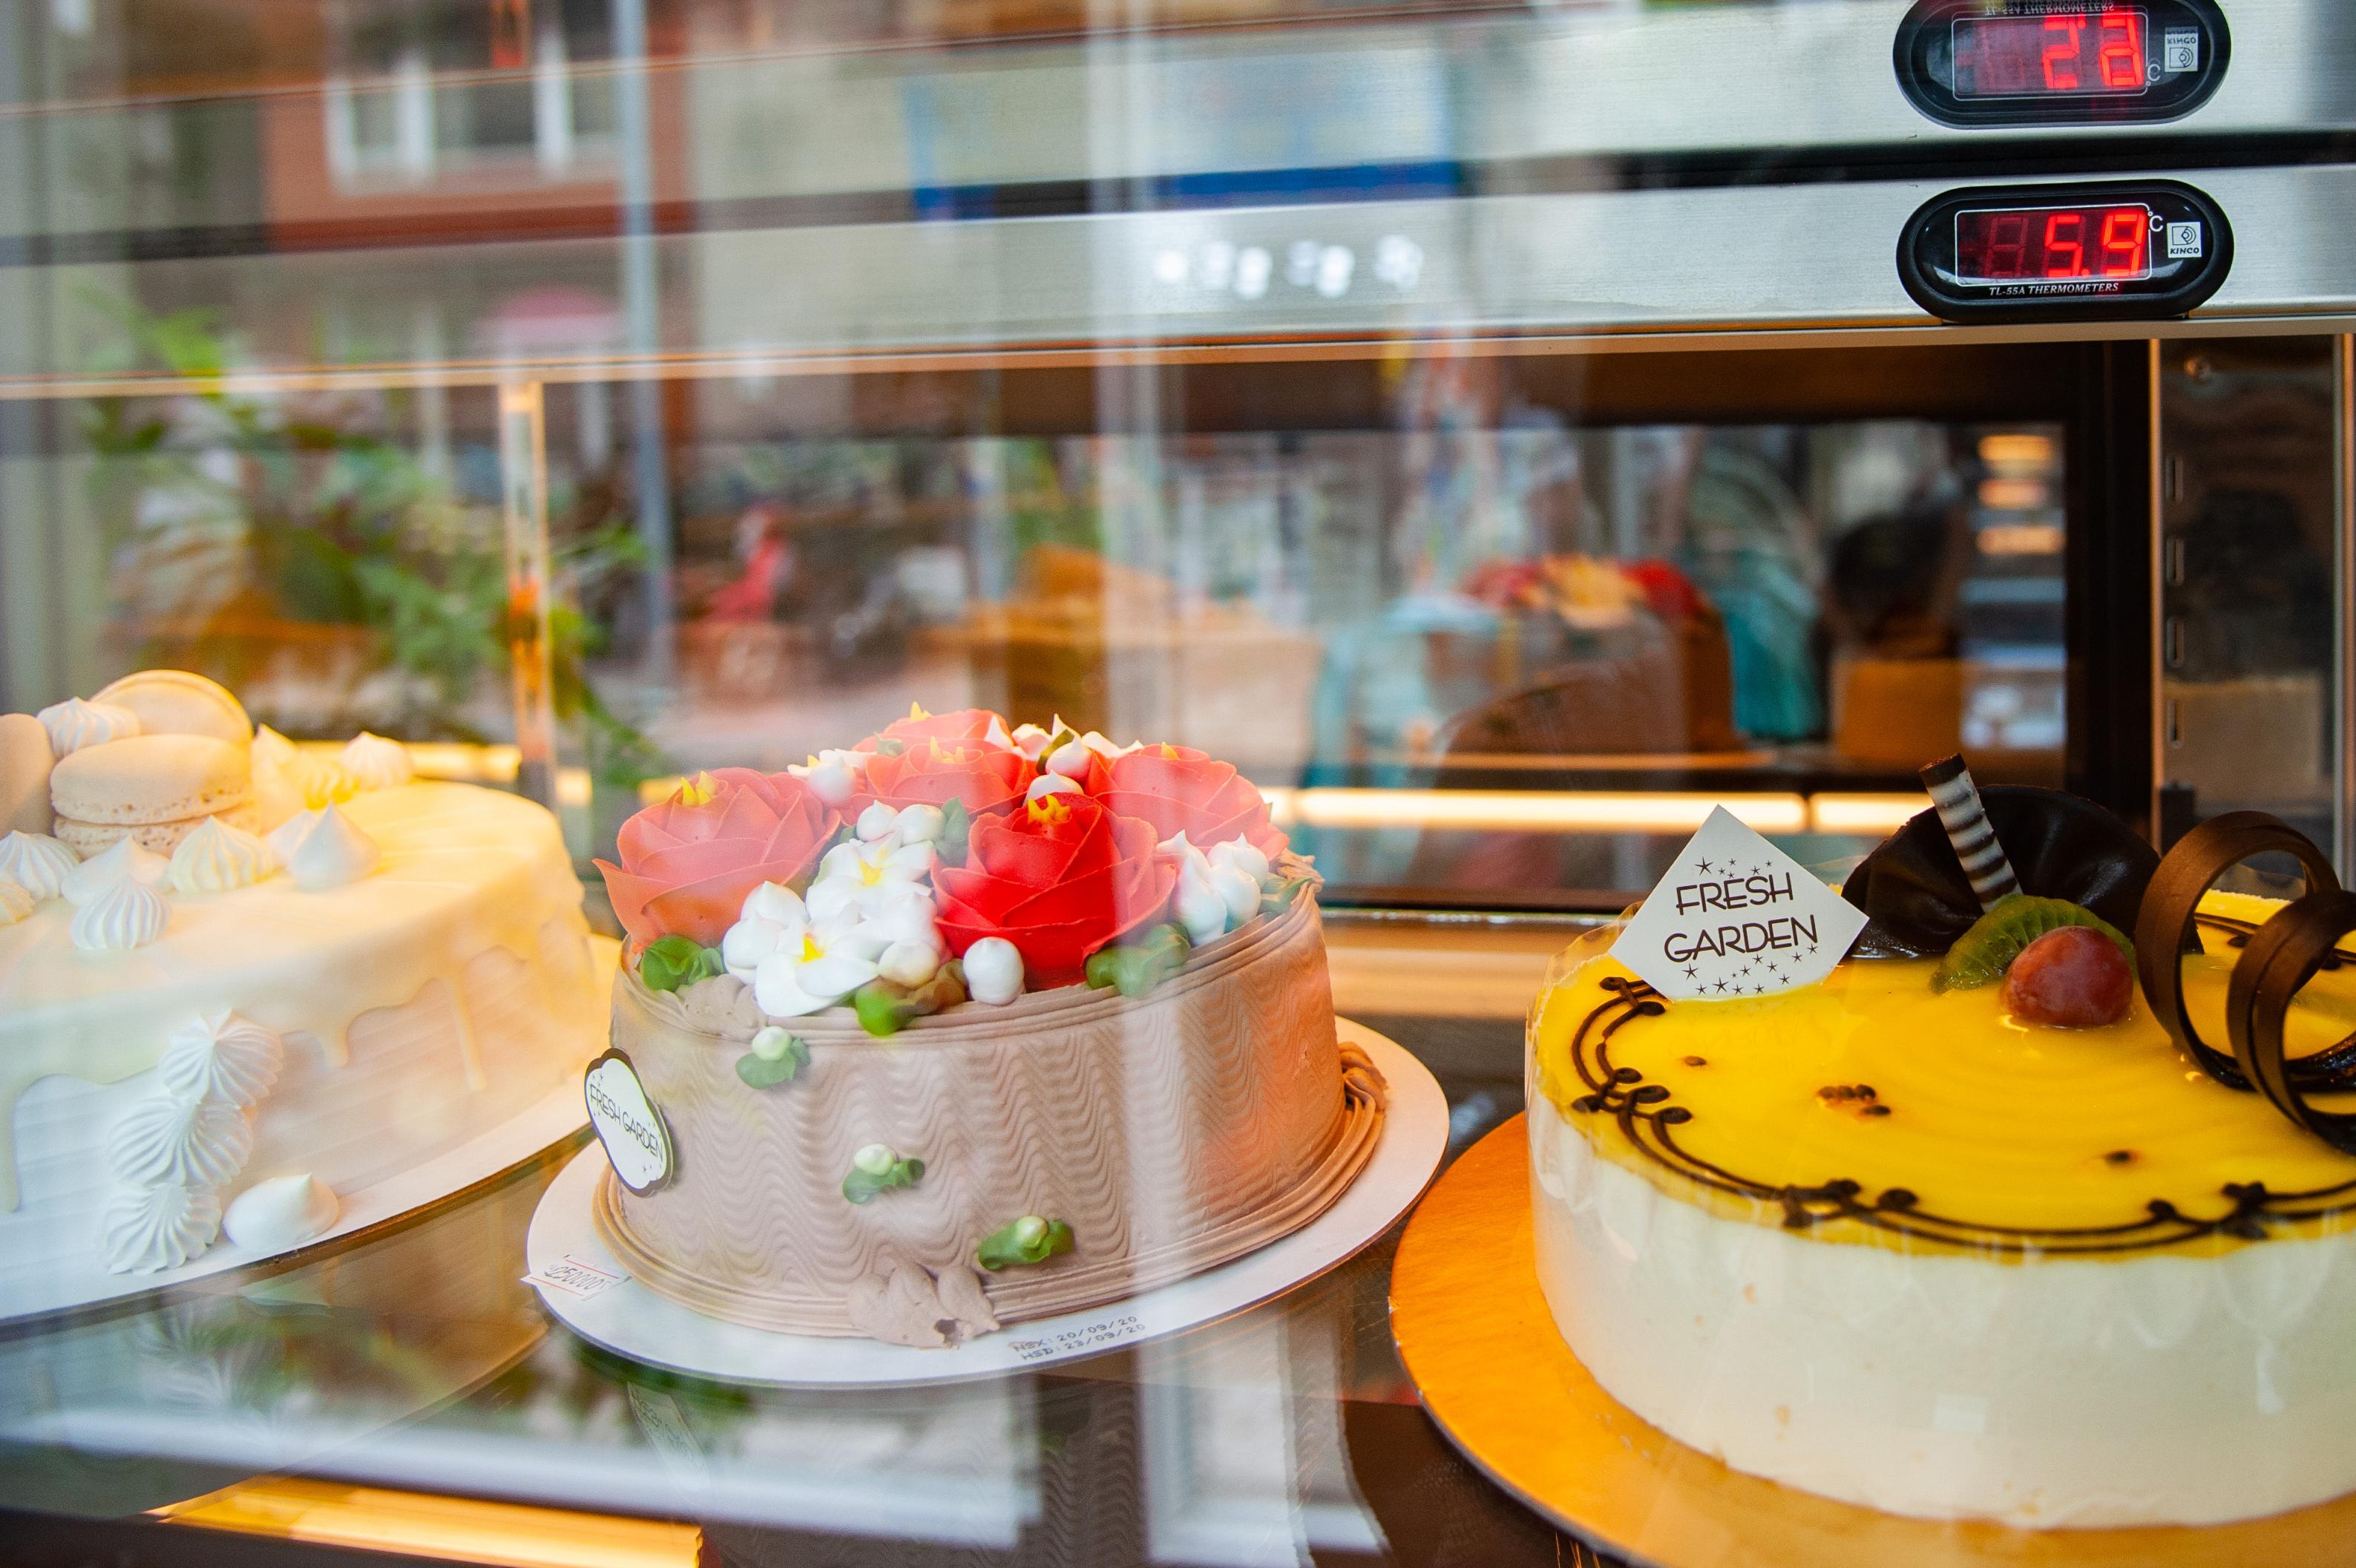 Chủ nhân bí ẩn của 60 cửa hàng Fresh Garden: Dân chứng khoán rẽ ngang vì mê bánh, 10 năm chưa chi một đồng cho Marketing - Ảnh 4.